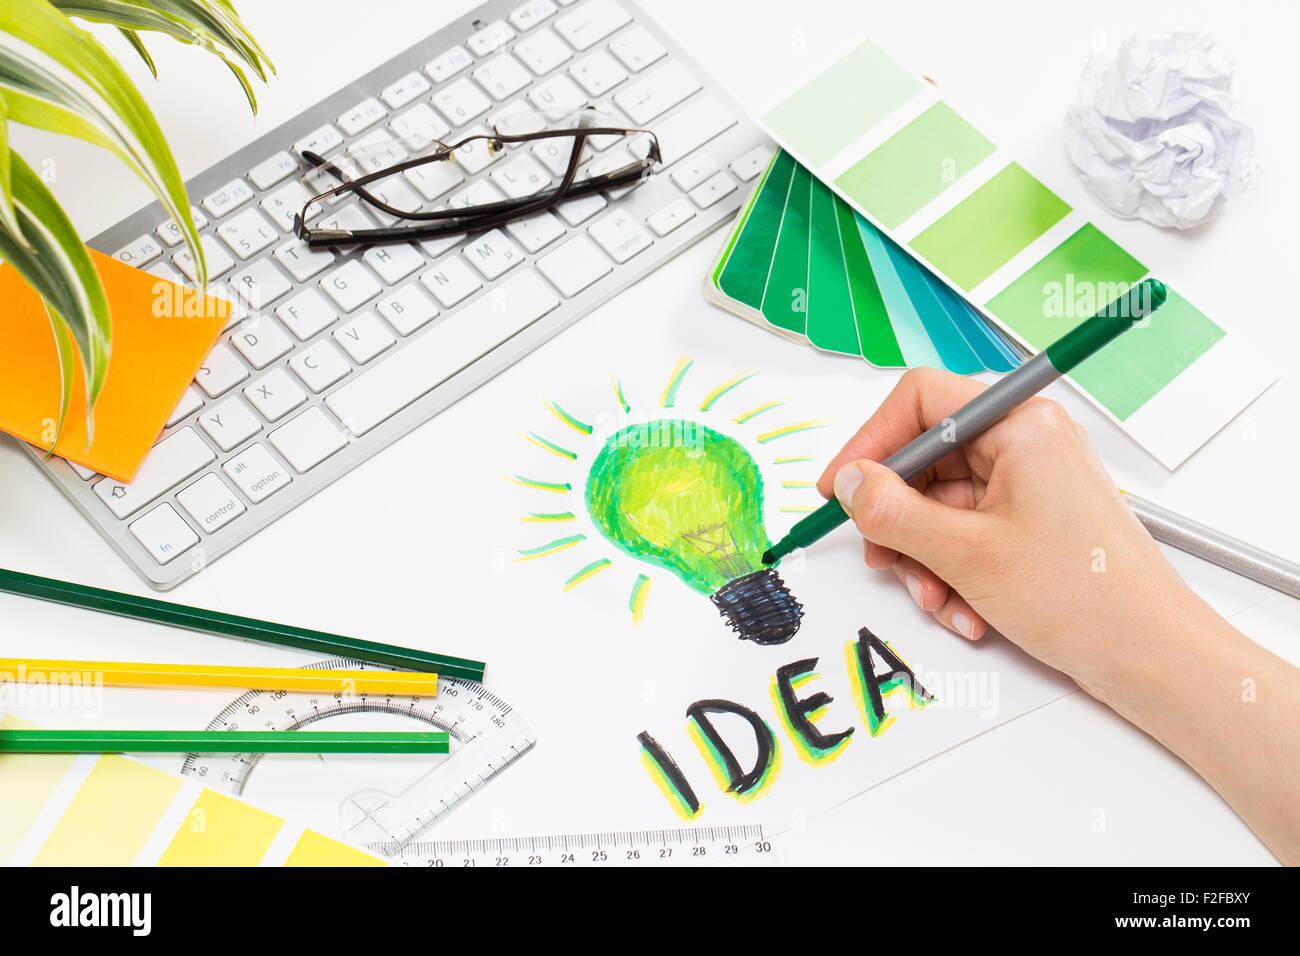 Dessin designer une lumière verte l'ampoule. Remue-méninges et d'inspiration cocnept. Photo Stock